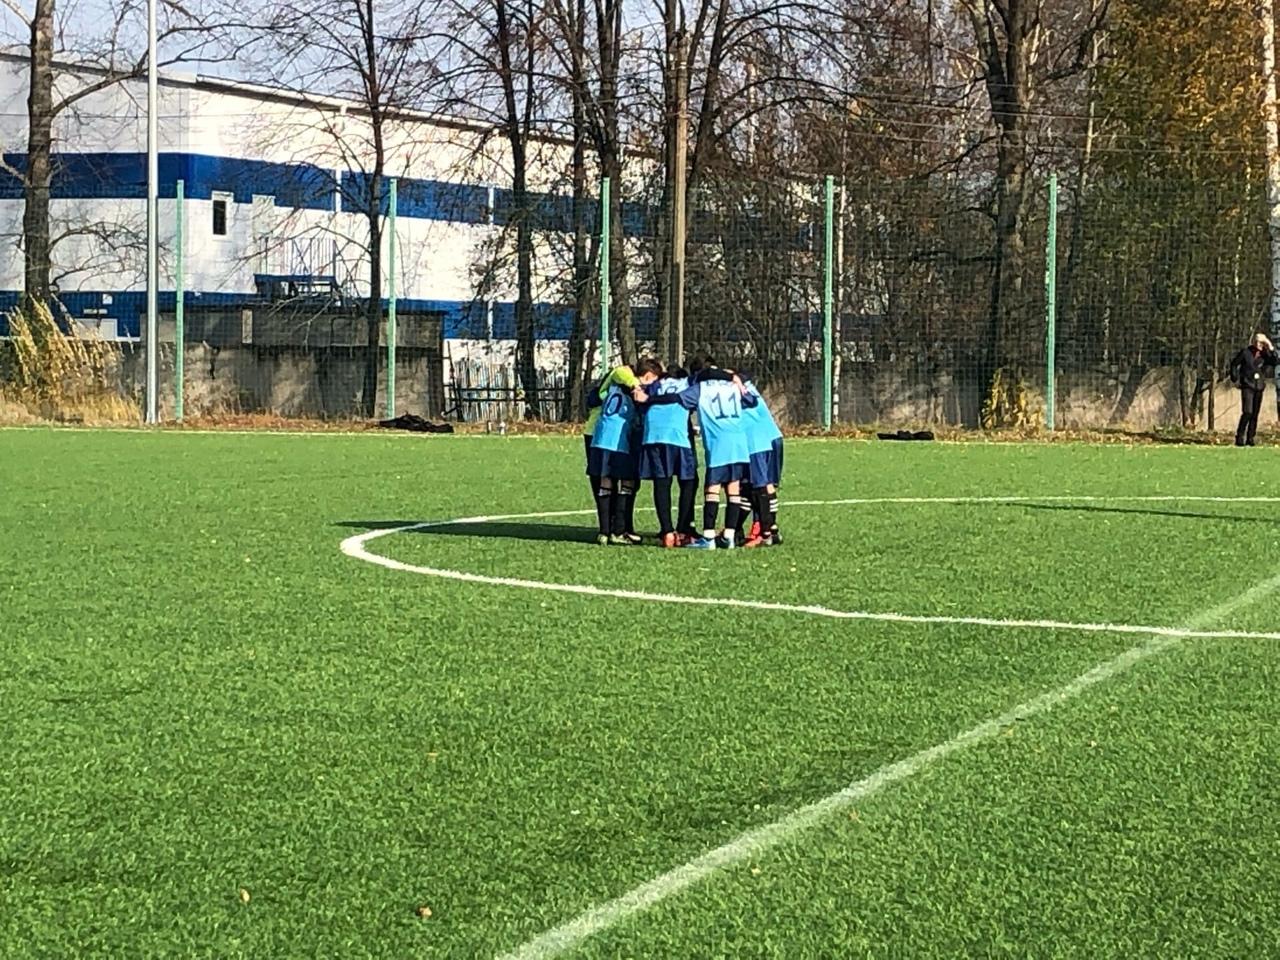 21 октября на Стадионе им. А. Гринина состоялись игры Первенства МО по футболу среди подростковых команд.